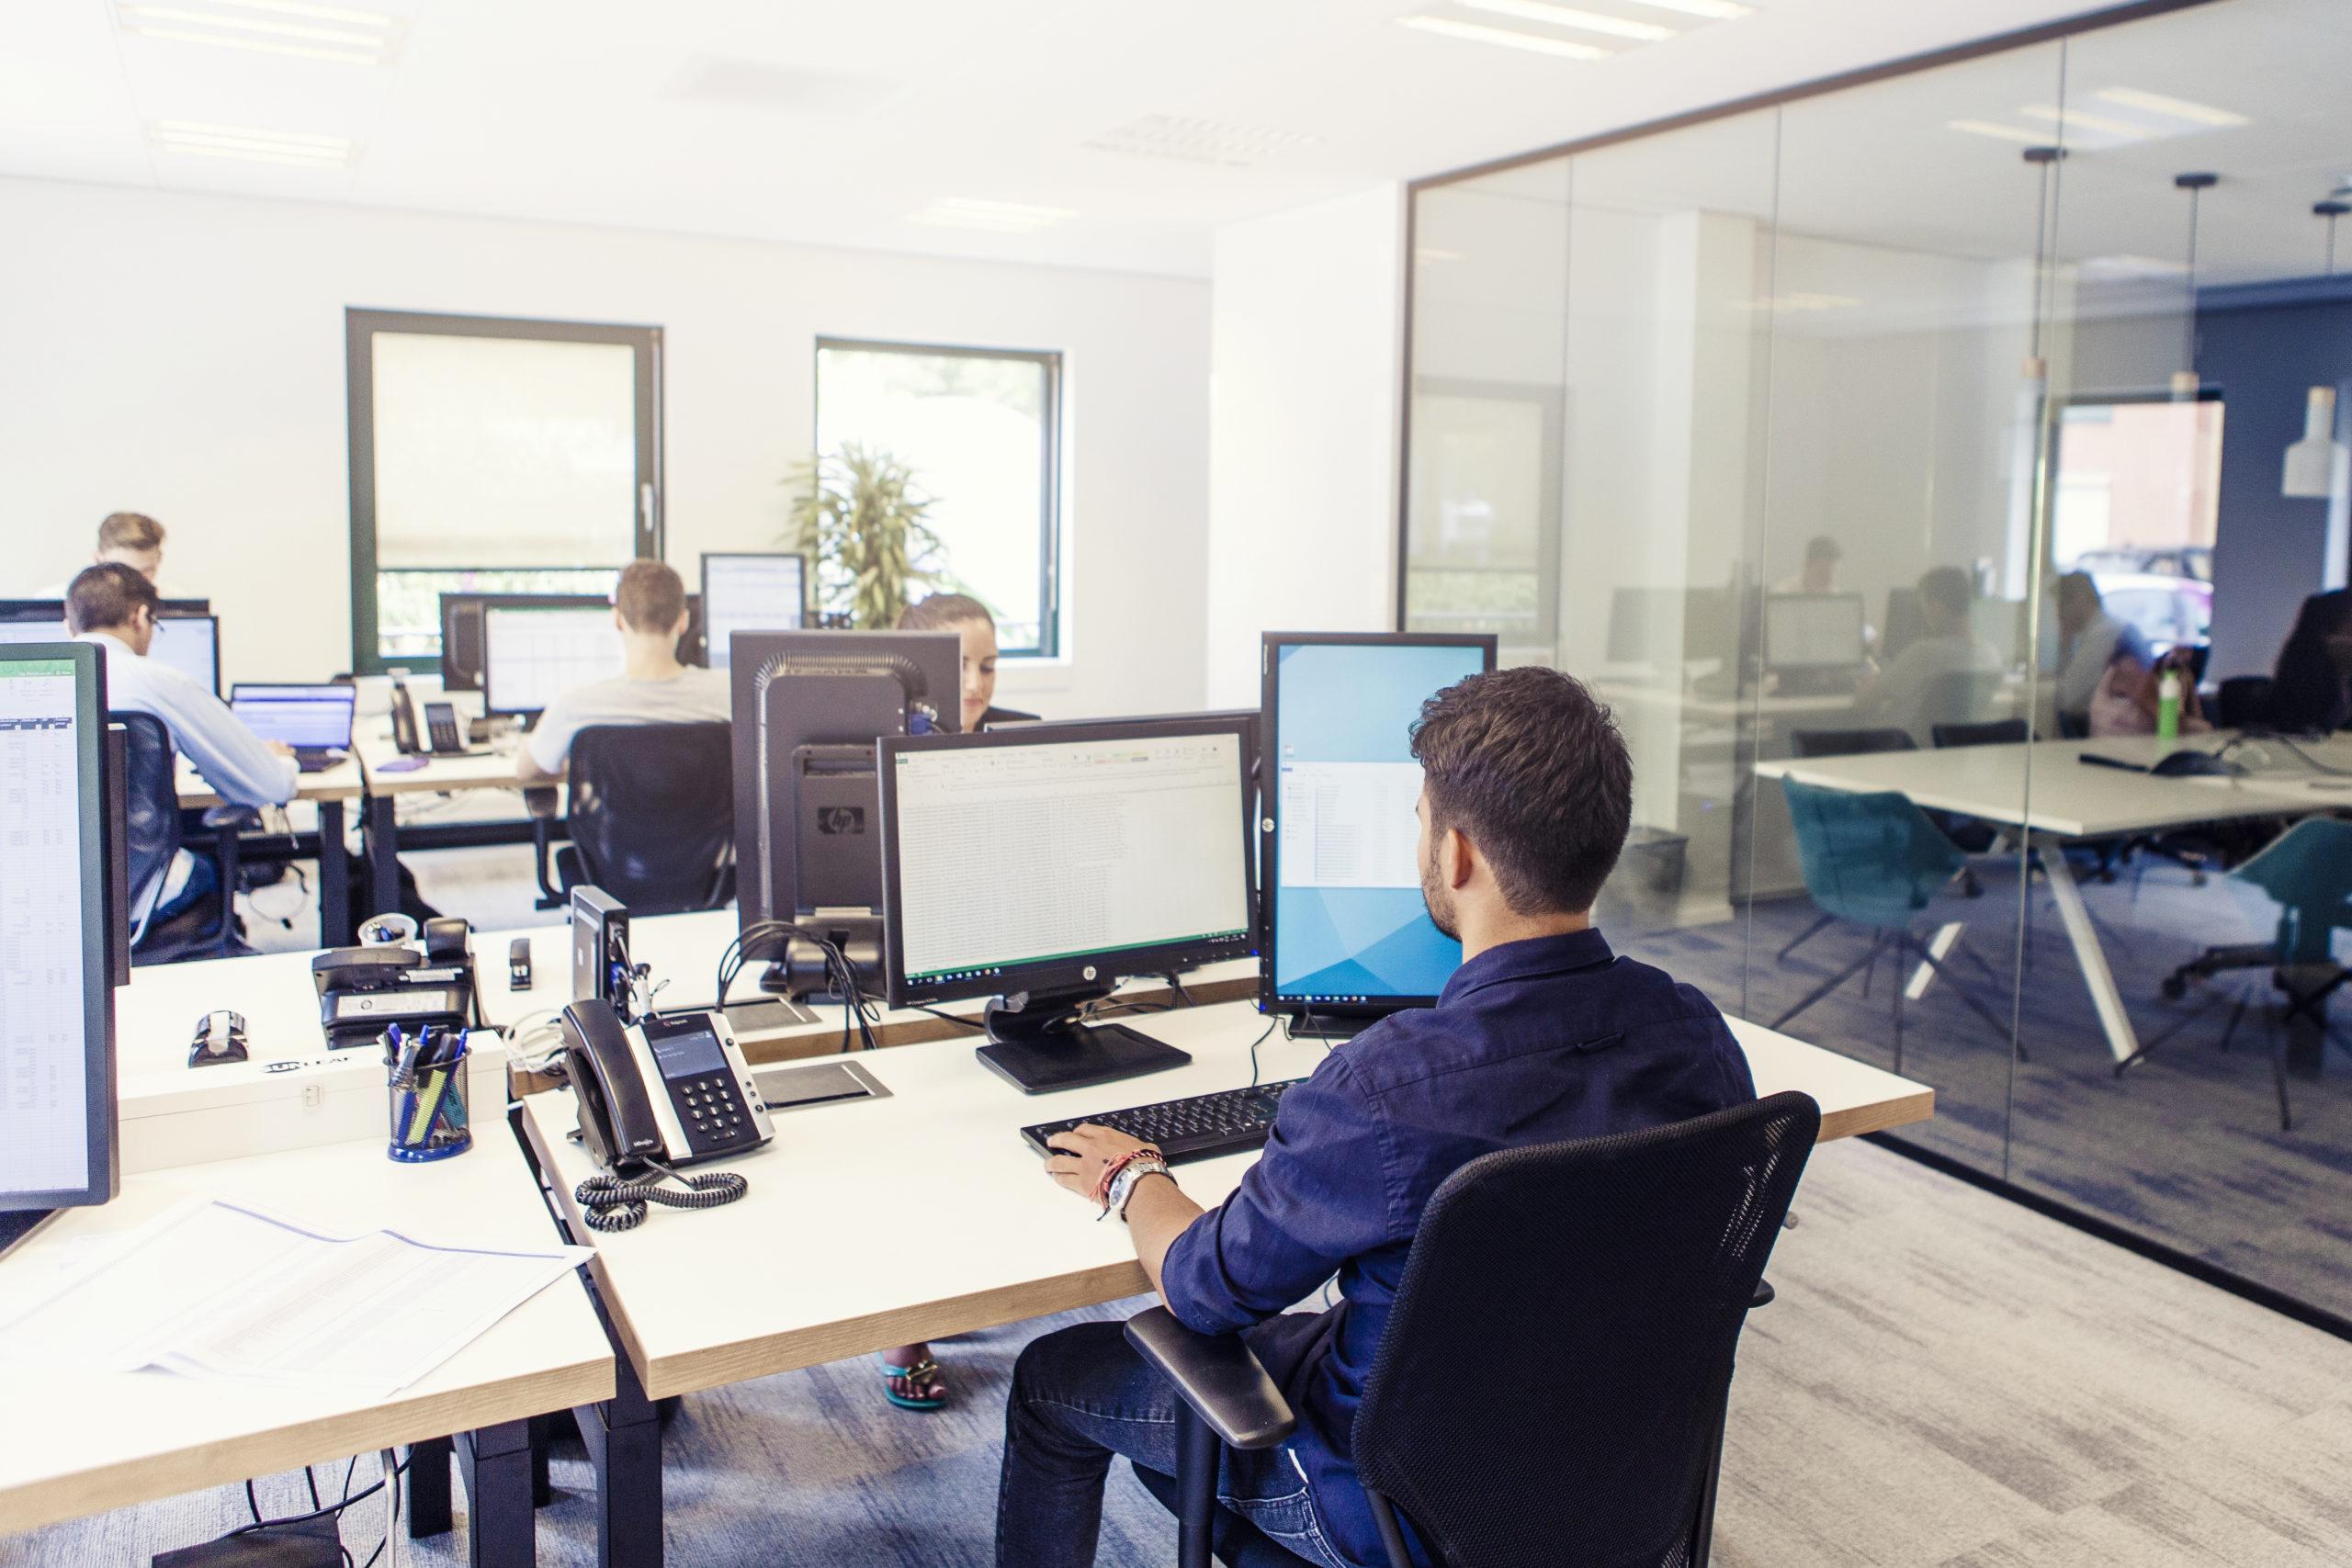 voordelen van detachering voor finance professionals